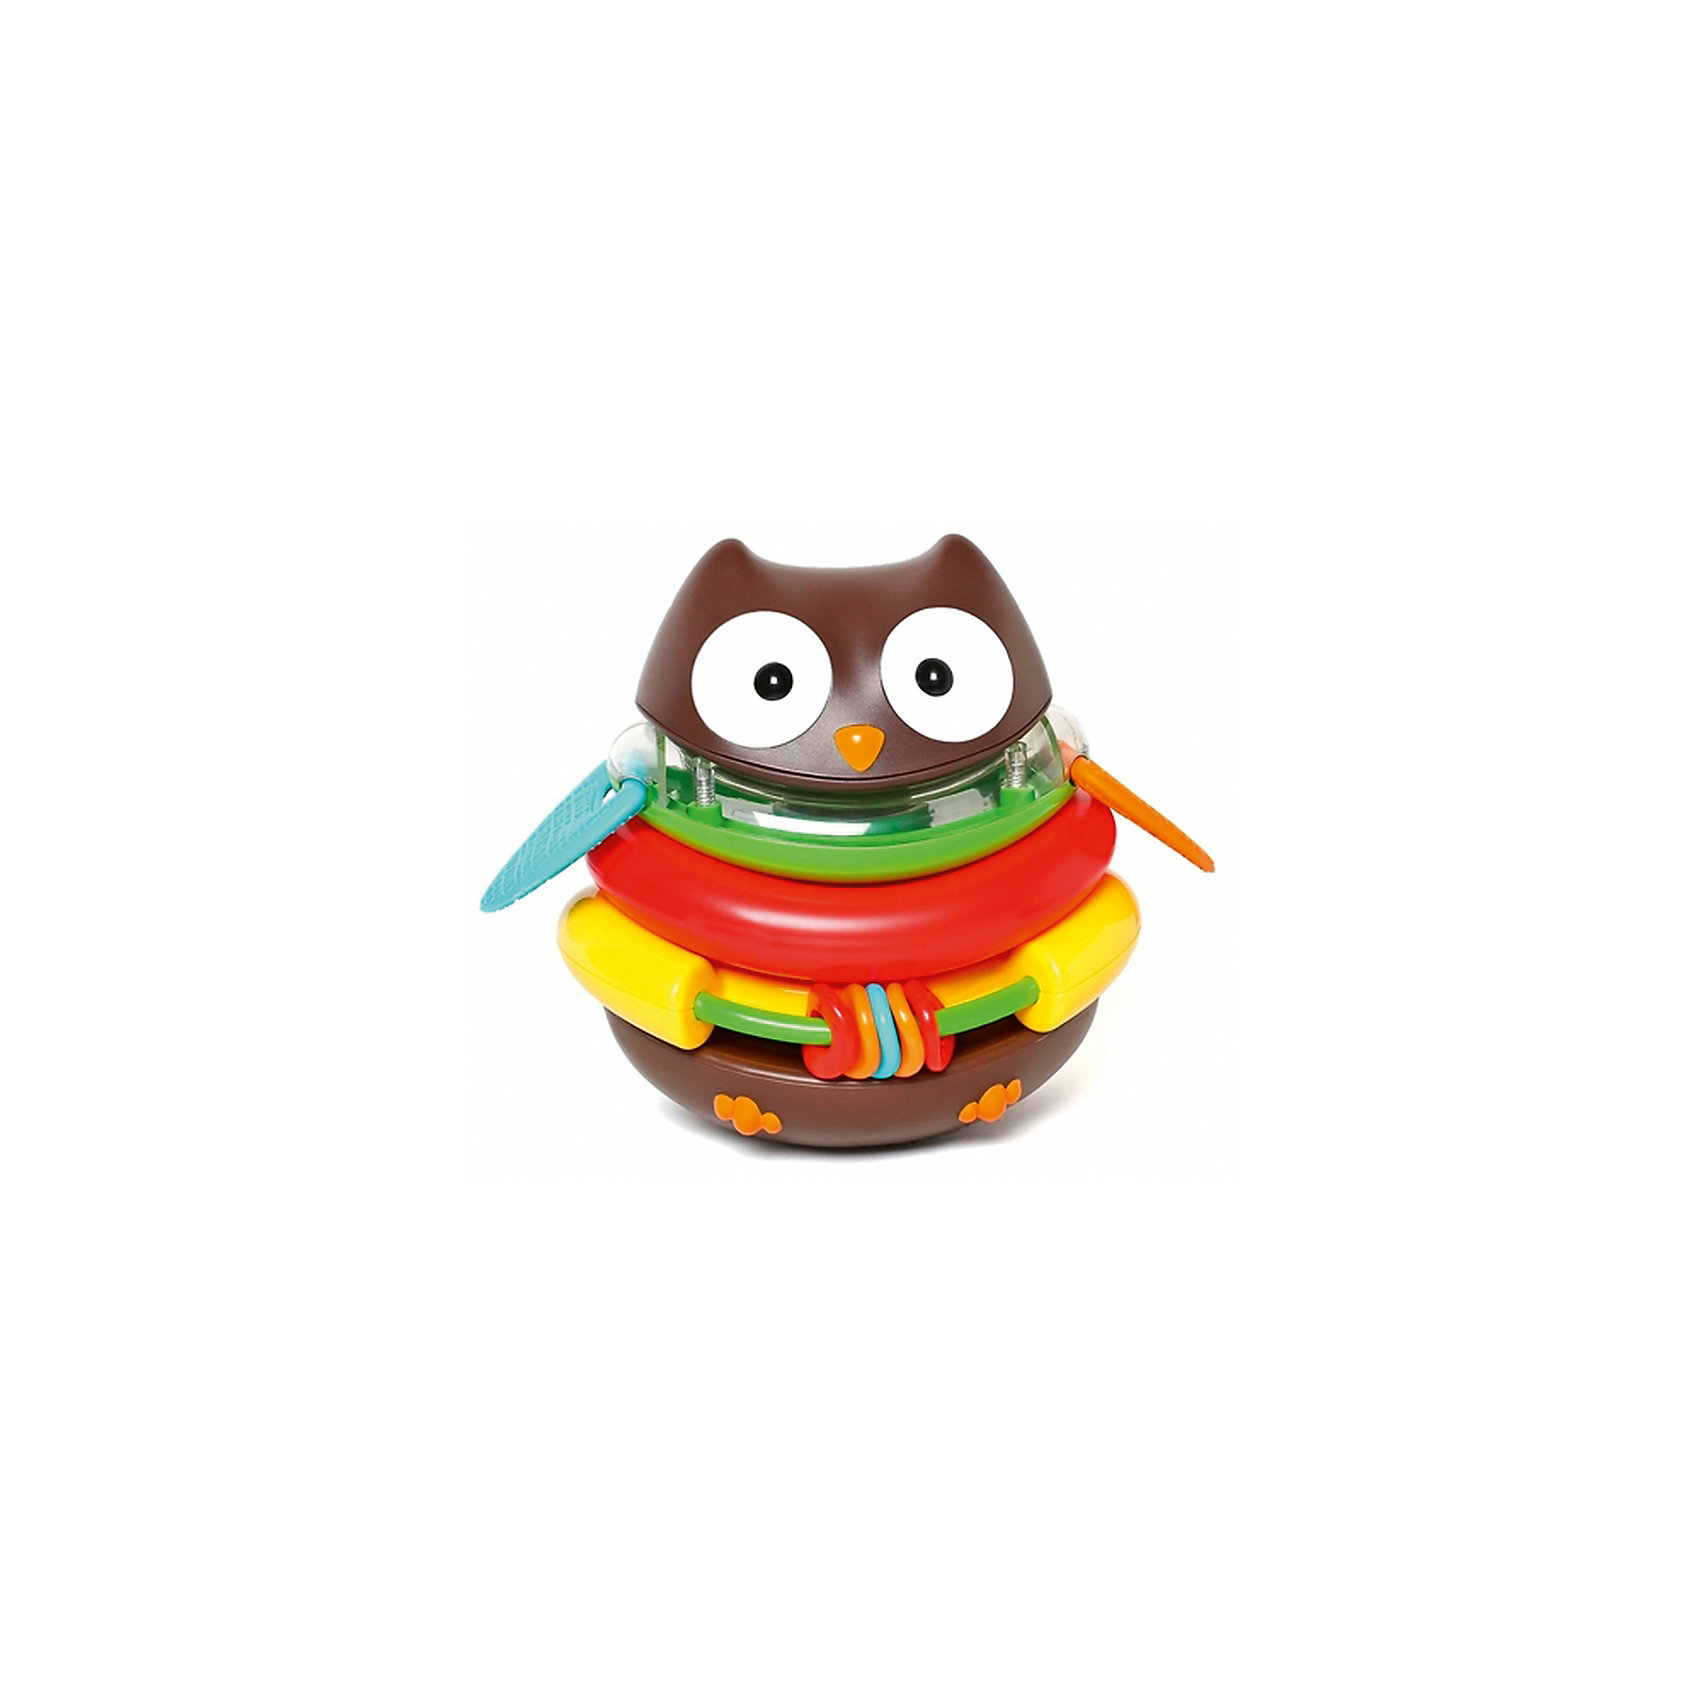 Развивающая пирамида-неваляшка Сова, Skip HopРазвивающие игрушки<br>Эта яркая и красивая жительница леса удивит и поразит воображение крохи — он получит большое удовольствие от игры с этой необычной игрушечной пташкой и новые полезные навыки! Сова-пирамидка состоит из нескольких частей-колец разных цветов и конфигурации, которые, складываясь друг на друга, образуют туловище птицы.<br>•каждый элемент пронумерован и дополнен отличительными возможностями;<br>•желтое кольцо с нанизанными гремящими фигурками выполняет роль погремушки;<br>•зеленое кольцо имеет по бокам два резиновых крылышка, которые малыш может грызть во время прорезывания зубов;<br>•в голове совы расположены гремящие элементы.<br><br>С совой можно играть как с неваляшкой — она принимает исходное положение после толчка и попытки уронить. Это свойство по-настоящему изумляет малышей!<br><br>Ширина мм: 170<br>Глубина мм: 150<br>Высота мм: 230<br>Вес г: 663<br>Возраст от месяцев: 24<br>Возраст до месяцев: 72<br>Пол: Унисекс<br>Возраст: Детский<br>SKU: 5608261